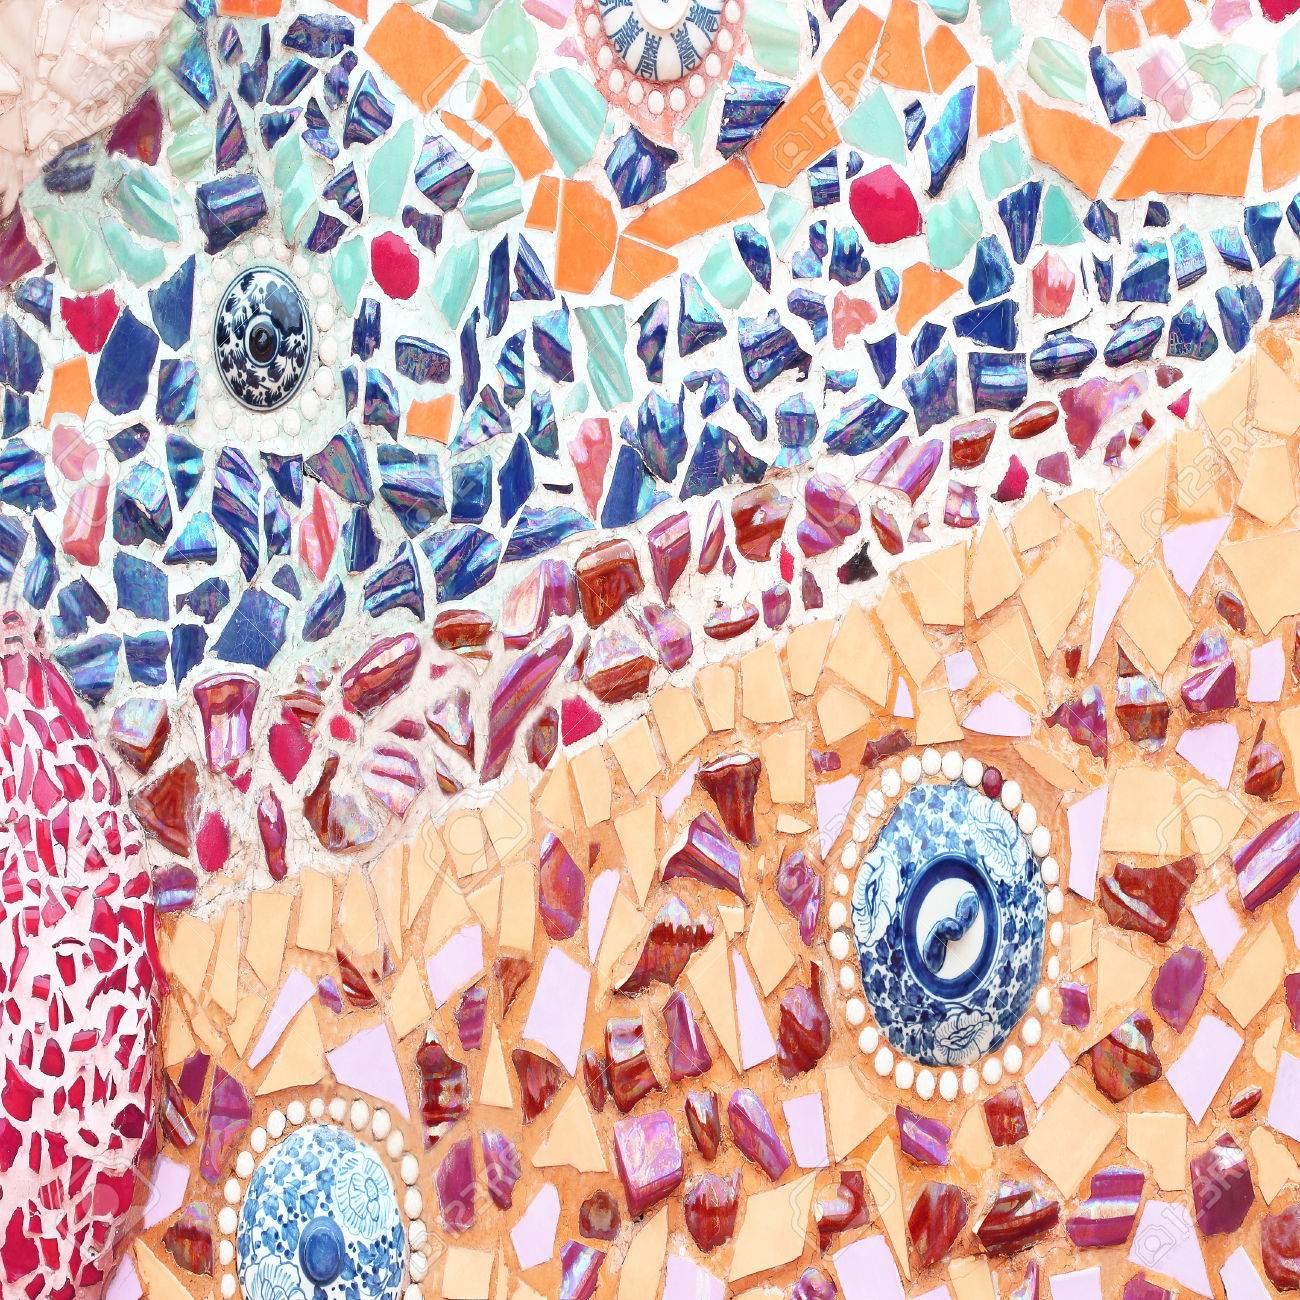 ornement decoratif vieux mur mosaique de carreaux de ceramique casse les murs sont decores avec des carreaux et des perles en ceramique